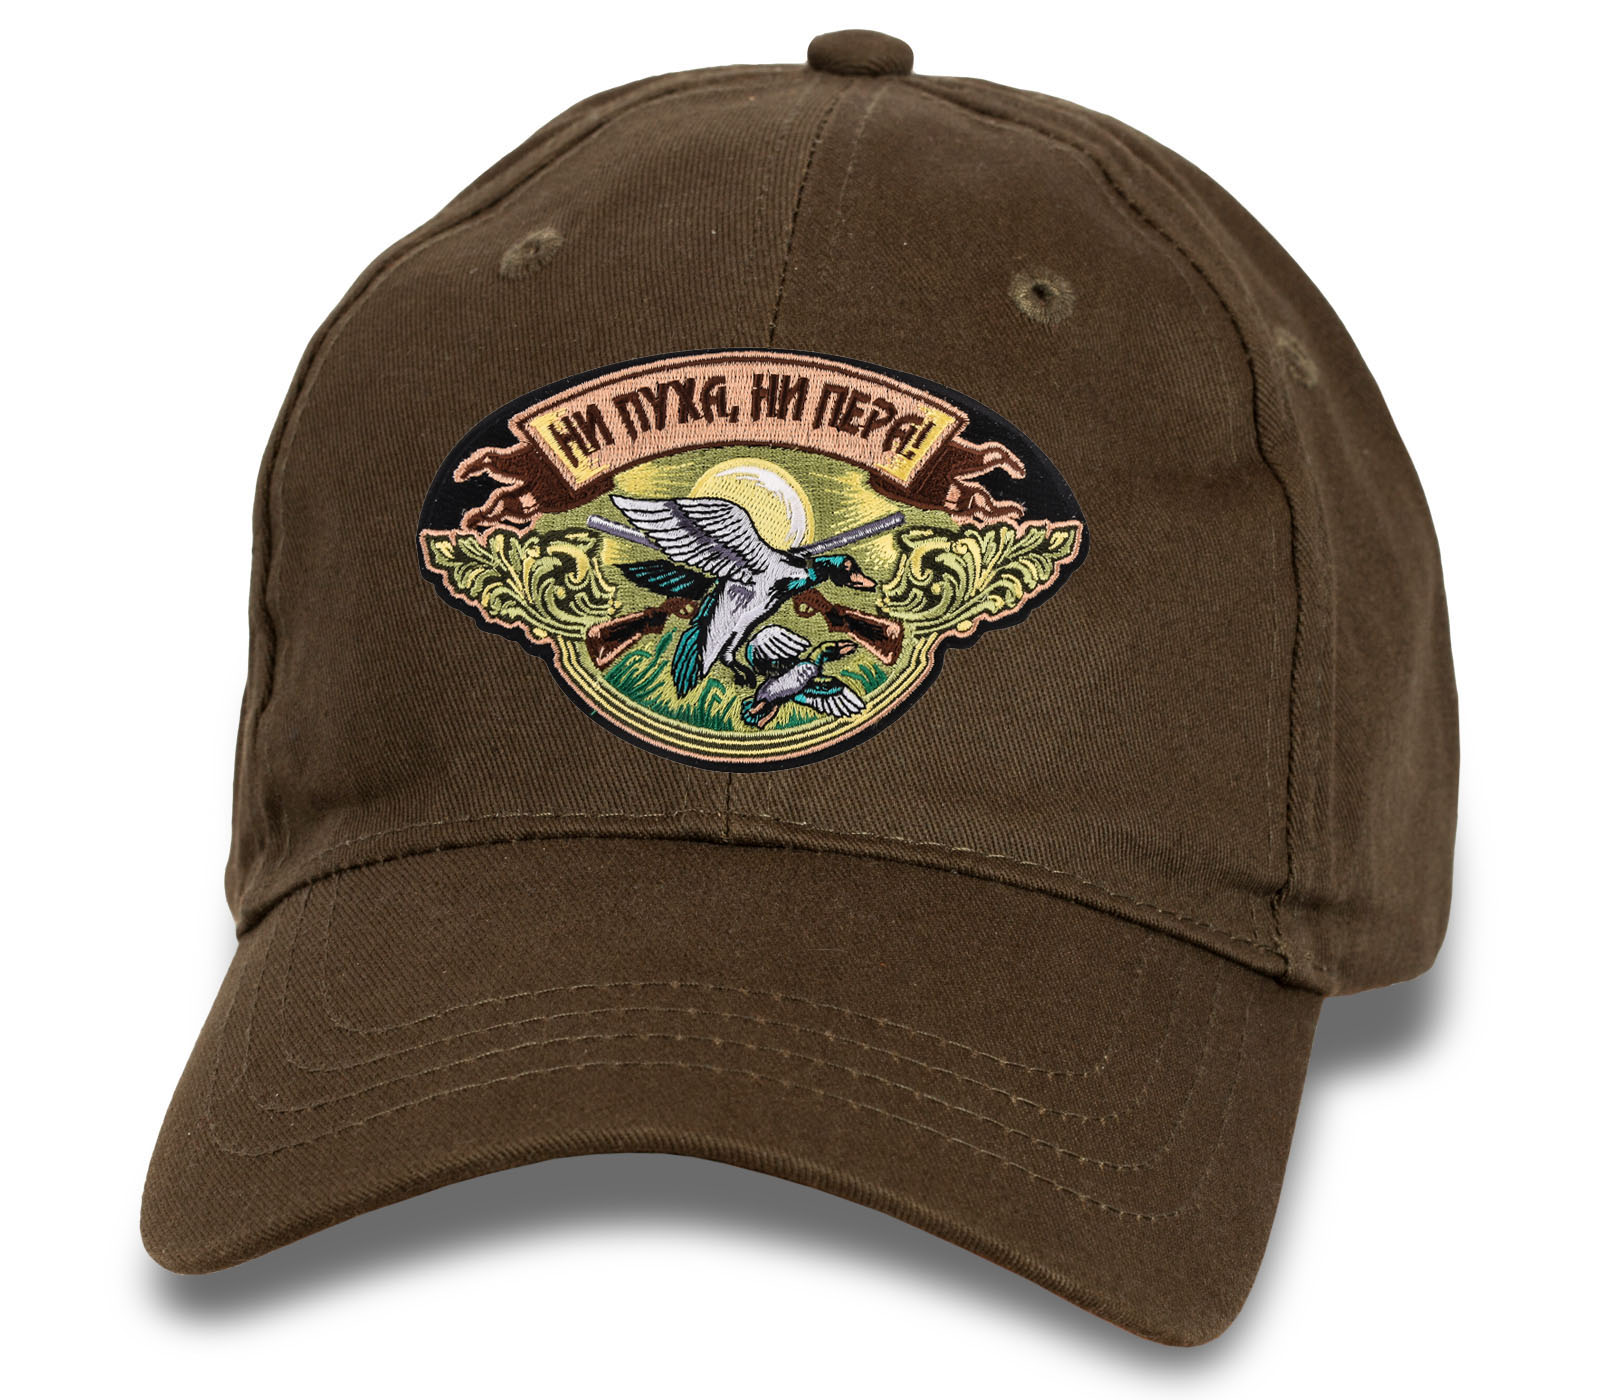 Милитари кепка «Ни пуха, ни пера!»